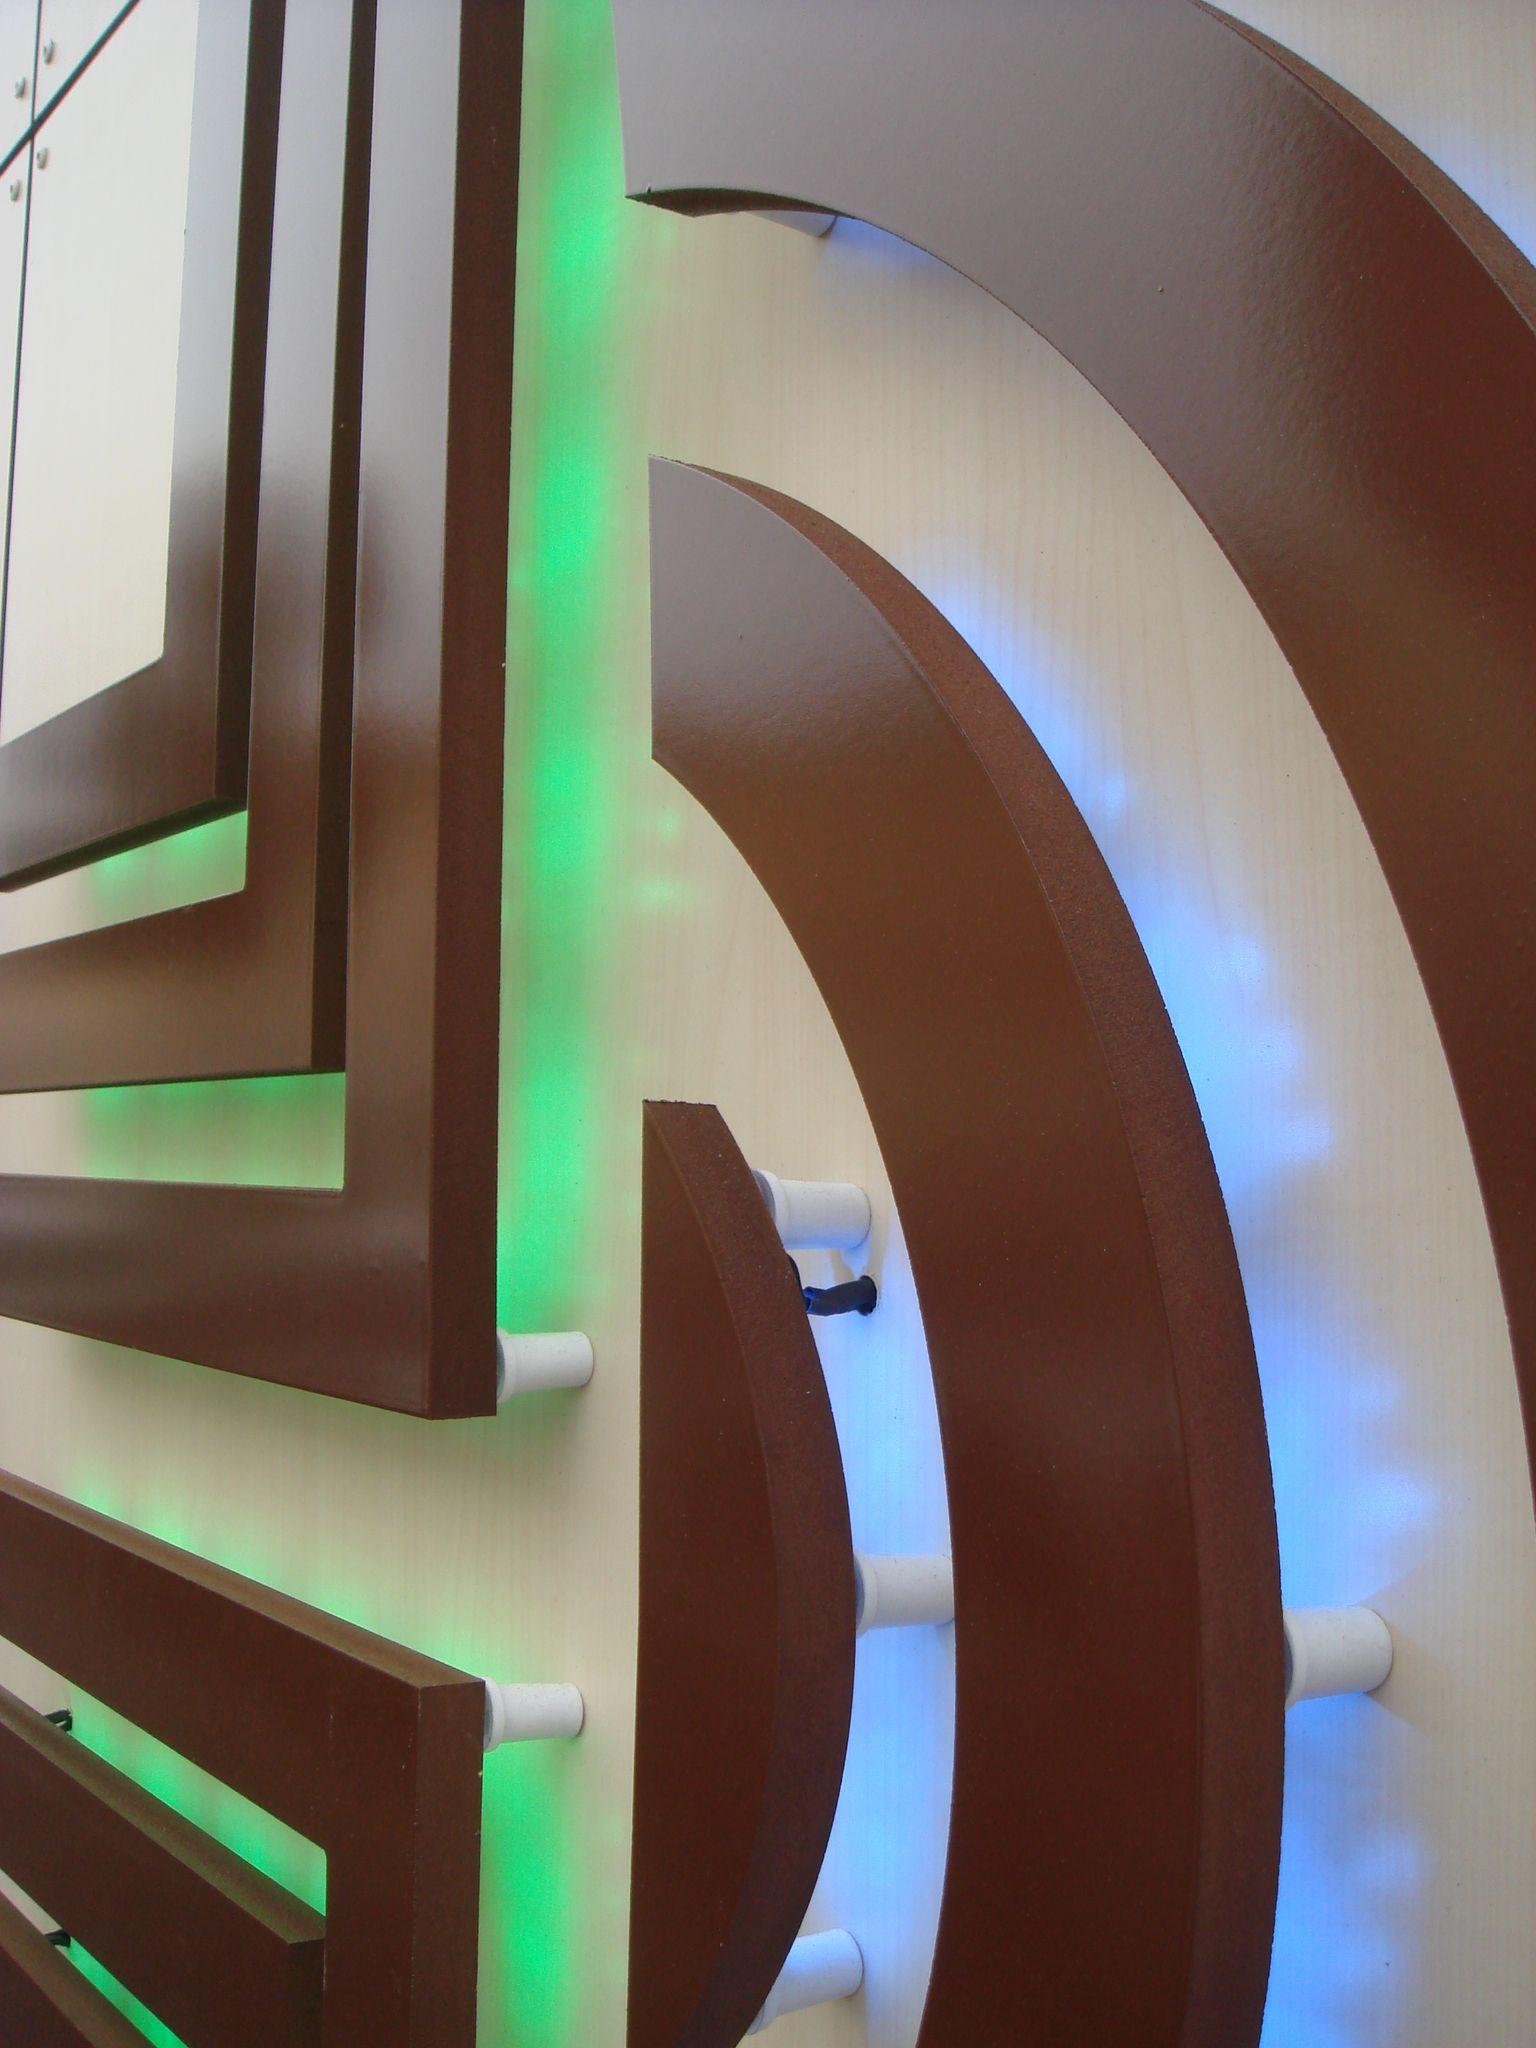 Logo en PVC komacel découpé, en relief par entretoises avec rétroéclairage intégré